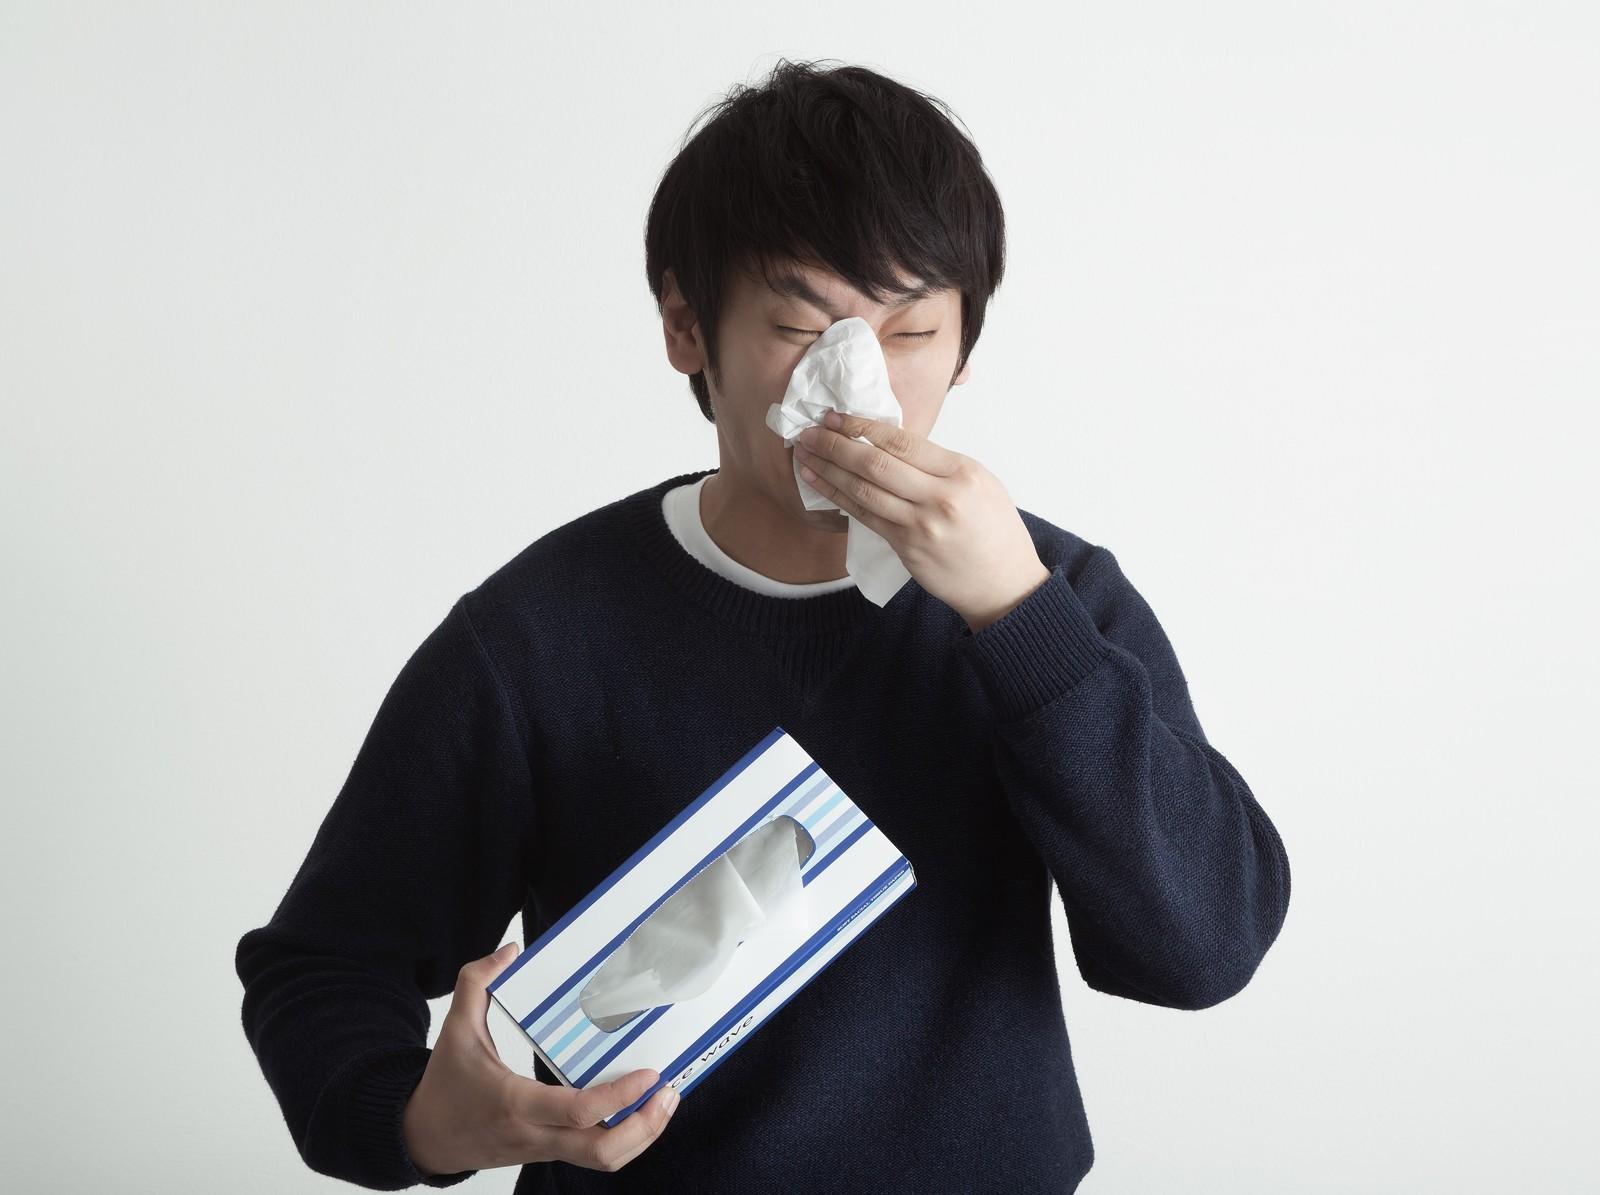 スギ花粉症 アレルギー性鼻炎 秋の花粉症 ブタクサ ヨモギ